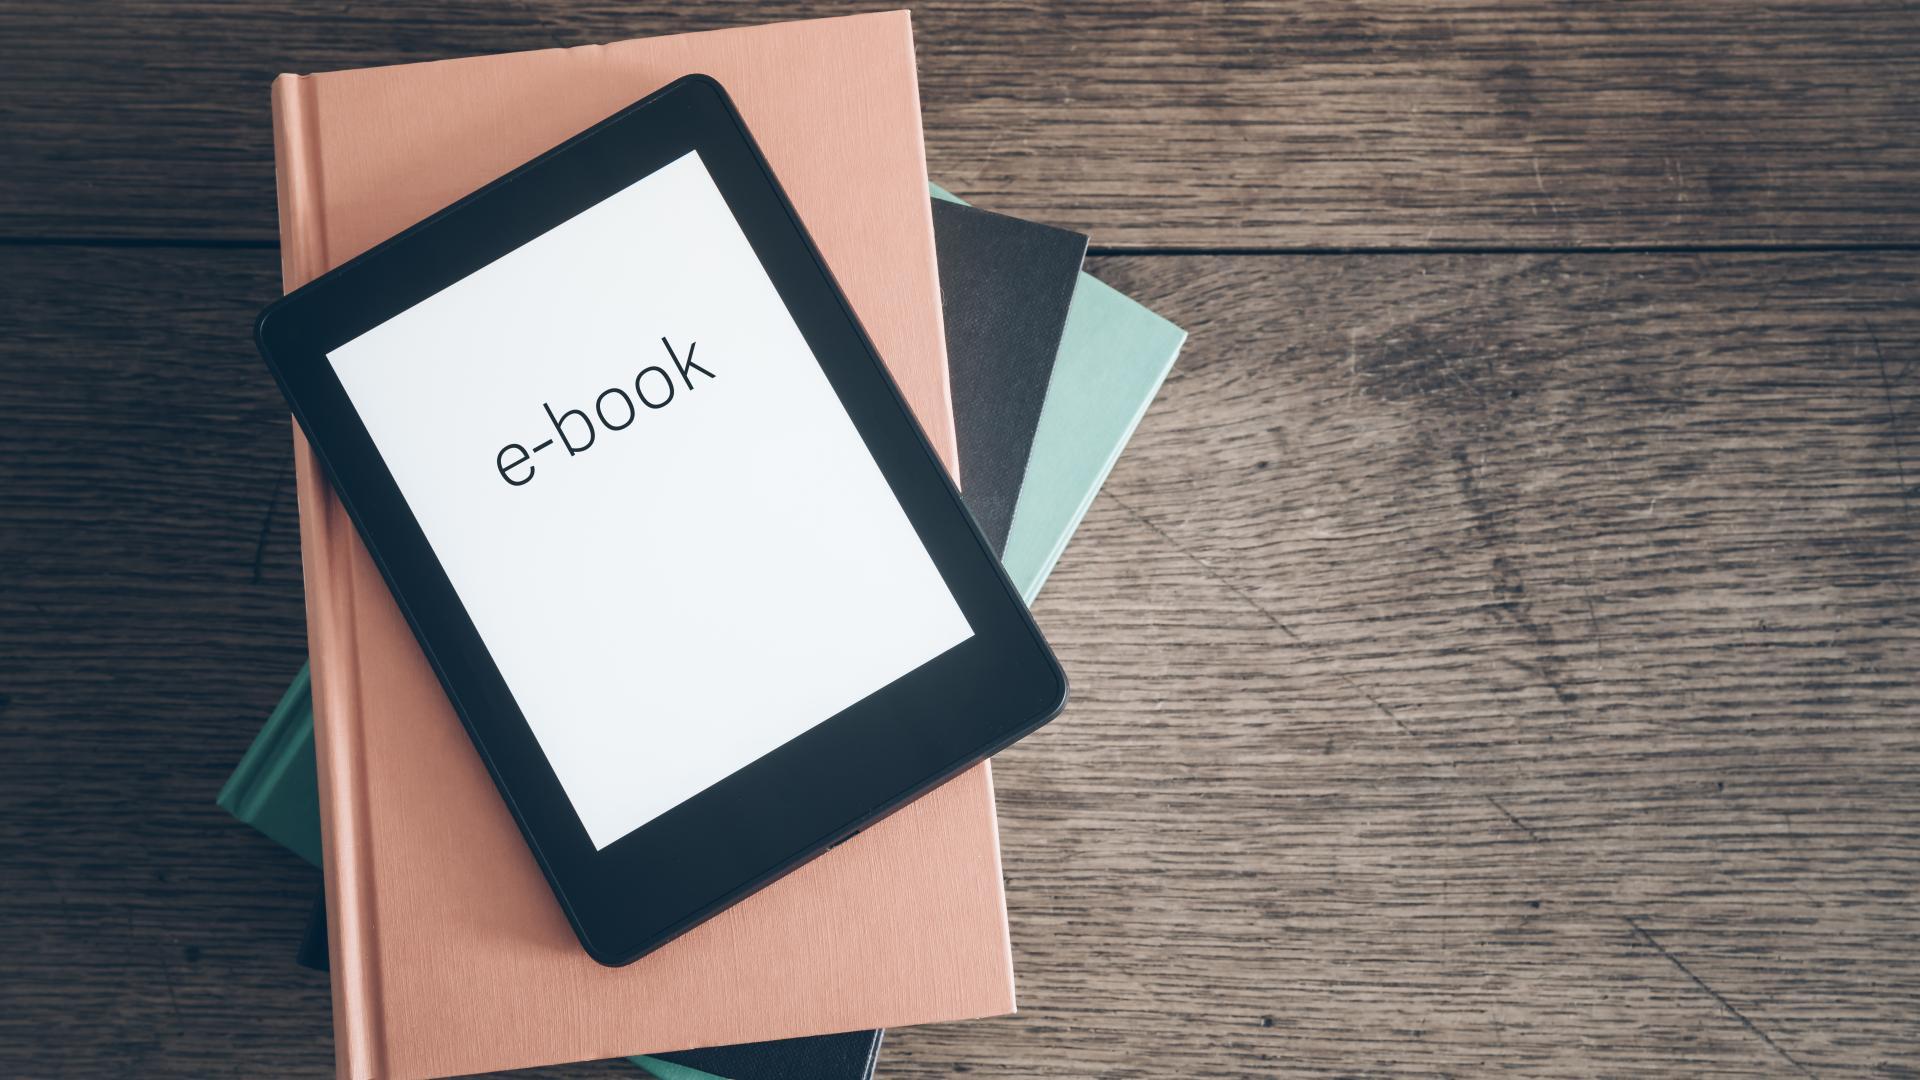 Bücher, E-Book auf Tisch